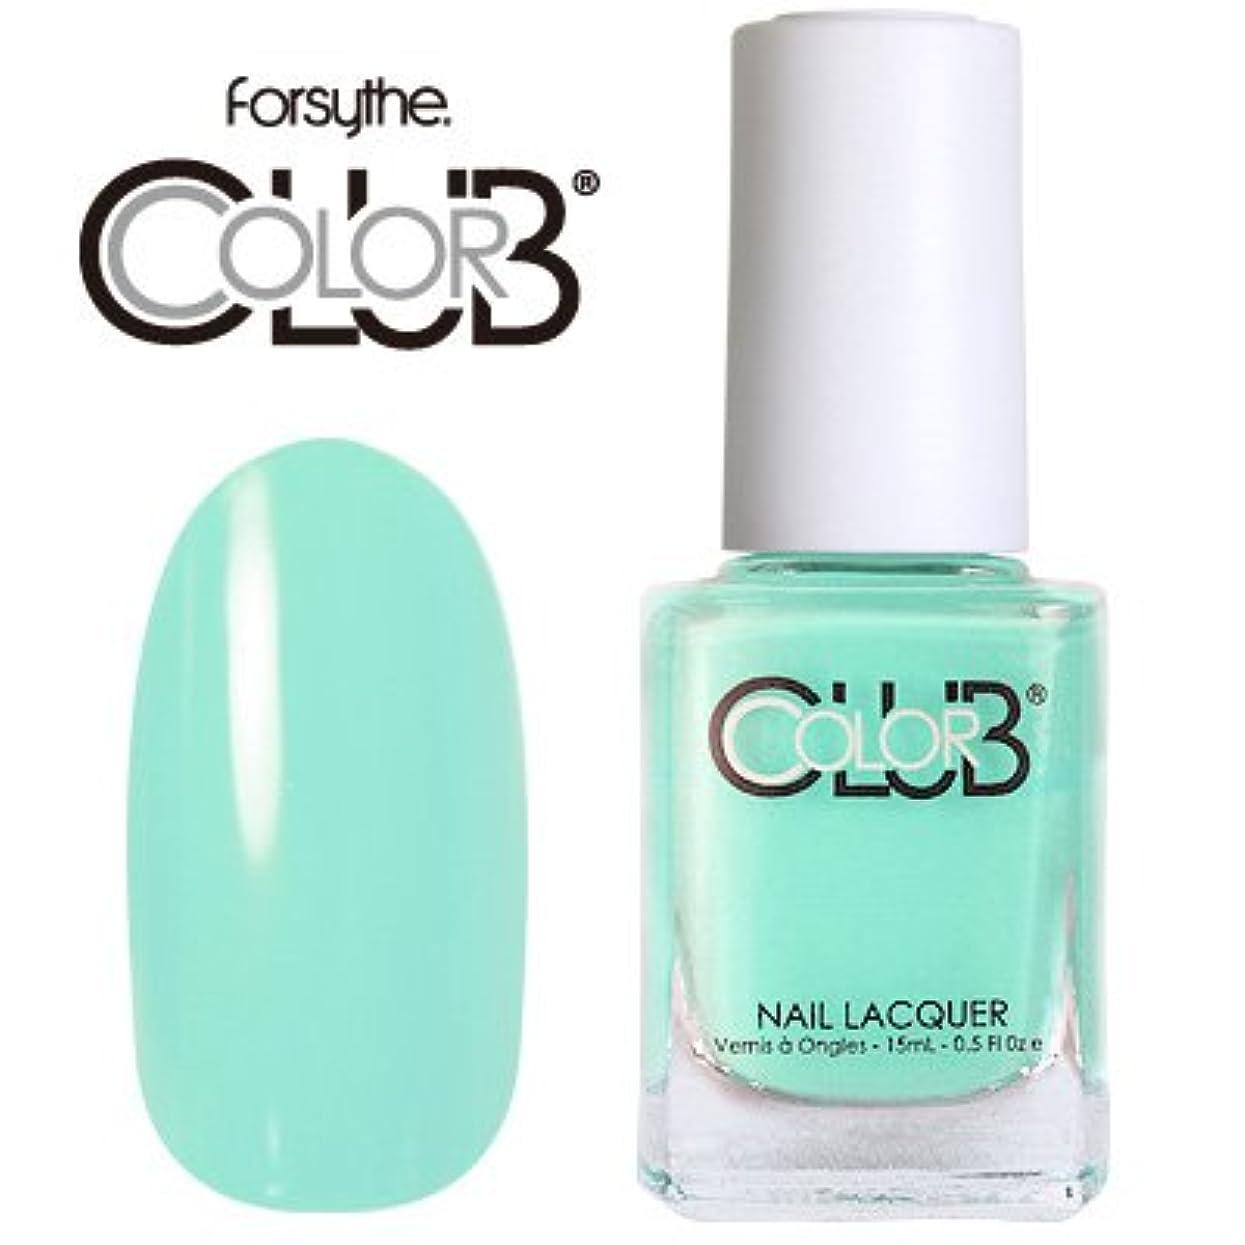 哀れな宮殿フリンジフォーサイス カラークラブ 954/Blue-ming 【forsythe COLOR CLUB】【ネイルラッカー】【マニキュア】